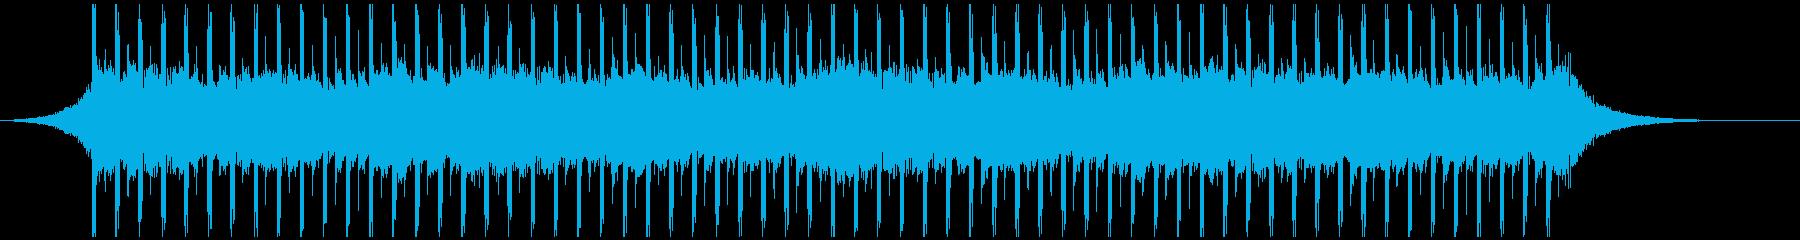 法人(ショート2)の再生済みの波形